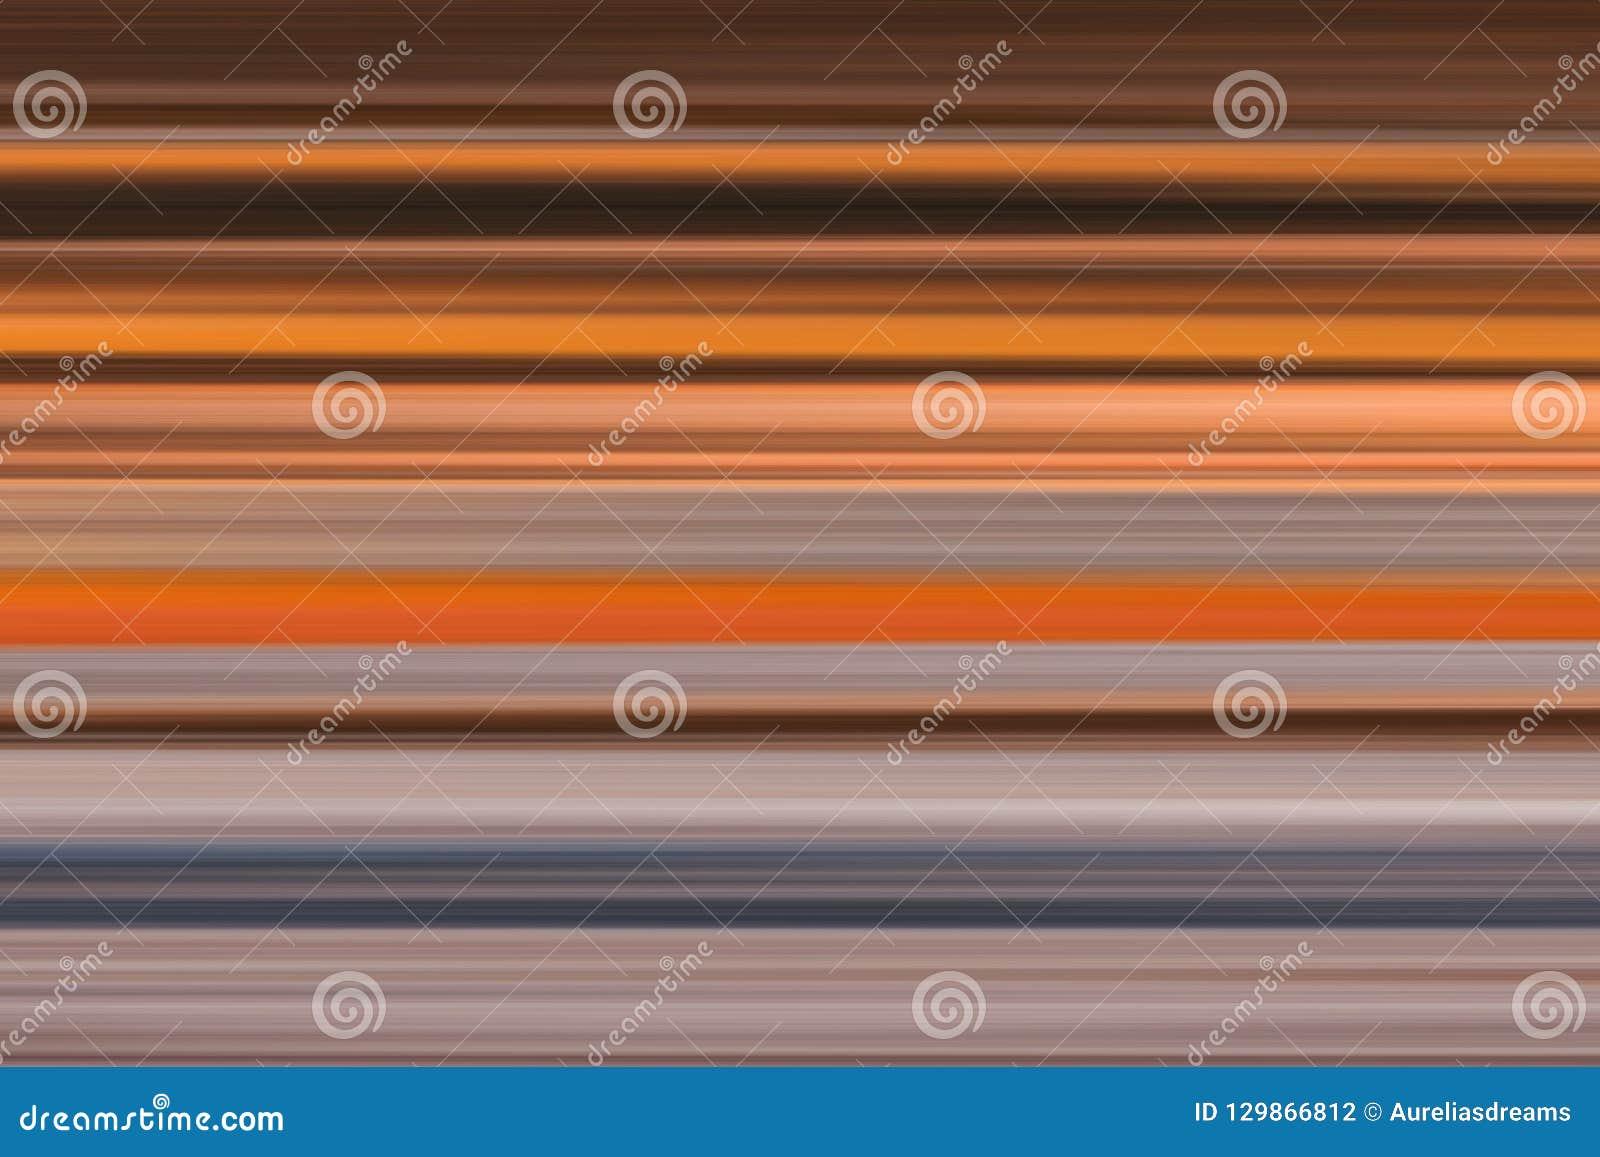 Lineas horizontales brillantes fondo, textura del extracto olorful del ¡de Ð en tonos marrones